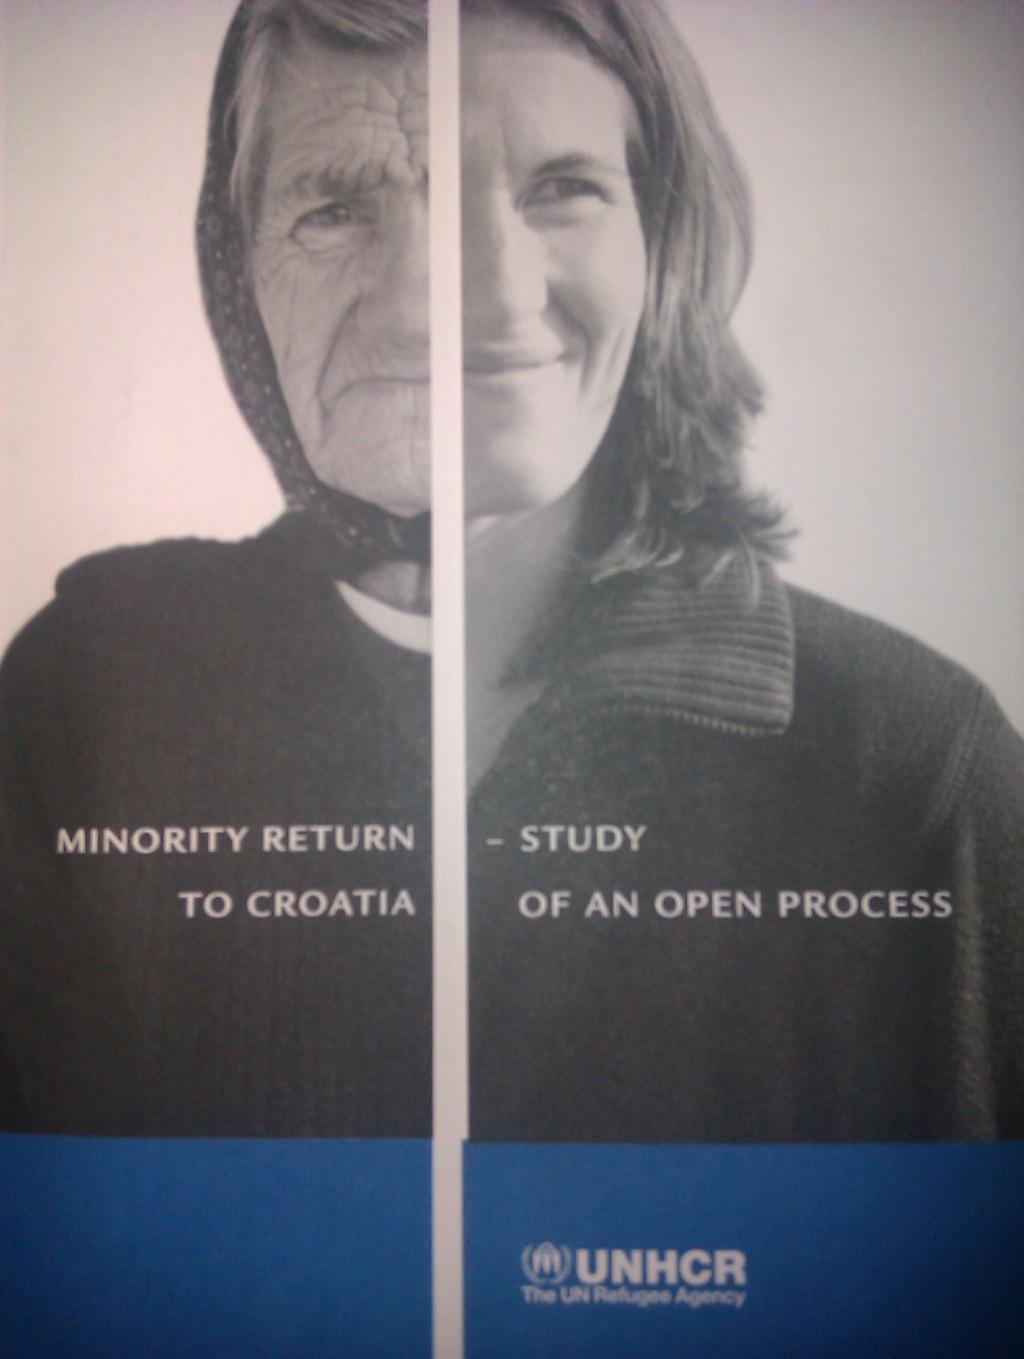 Manjinski povratak u Hrvatsku : studija otvorenog procesa